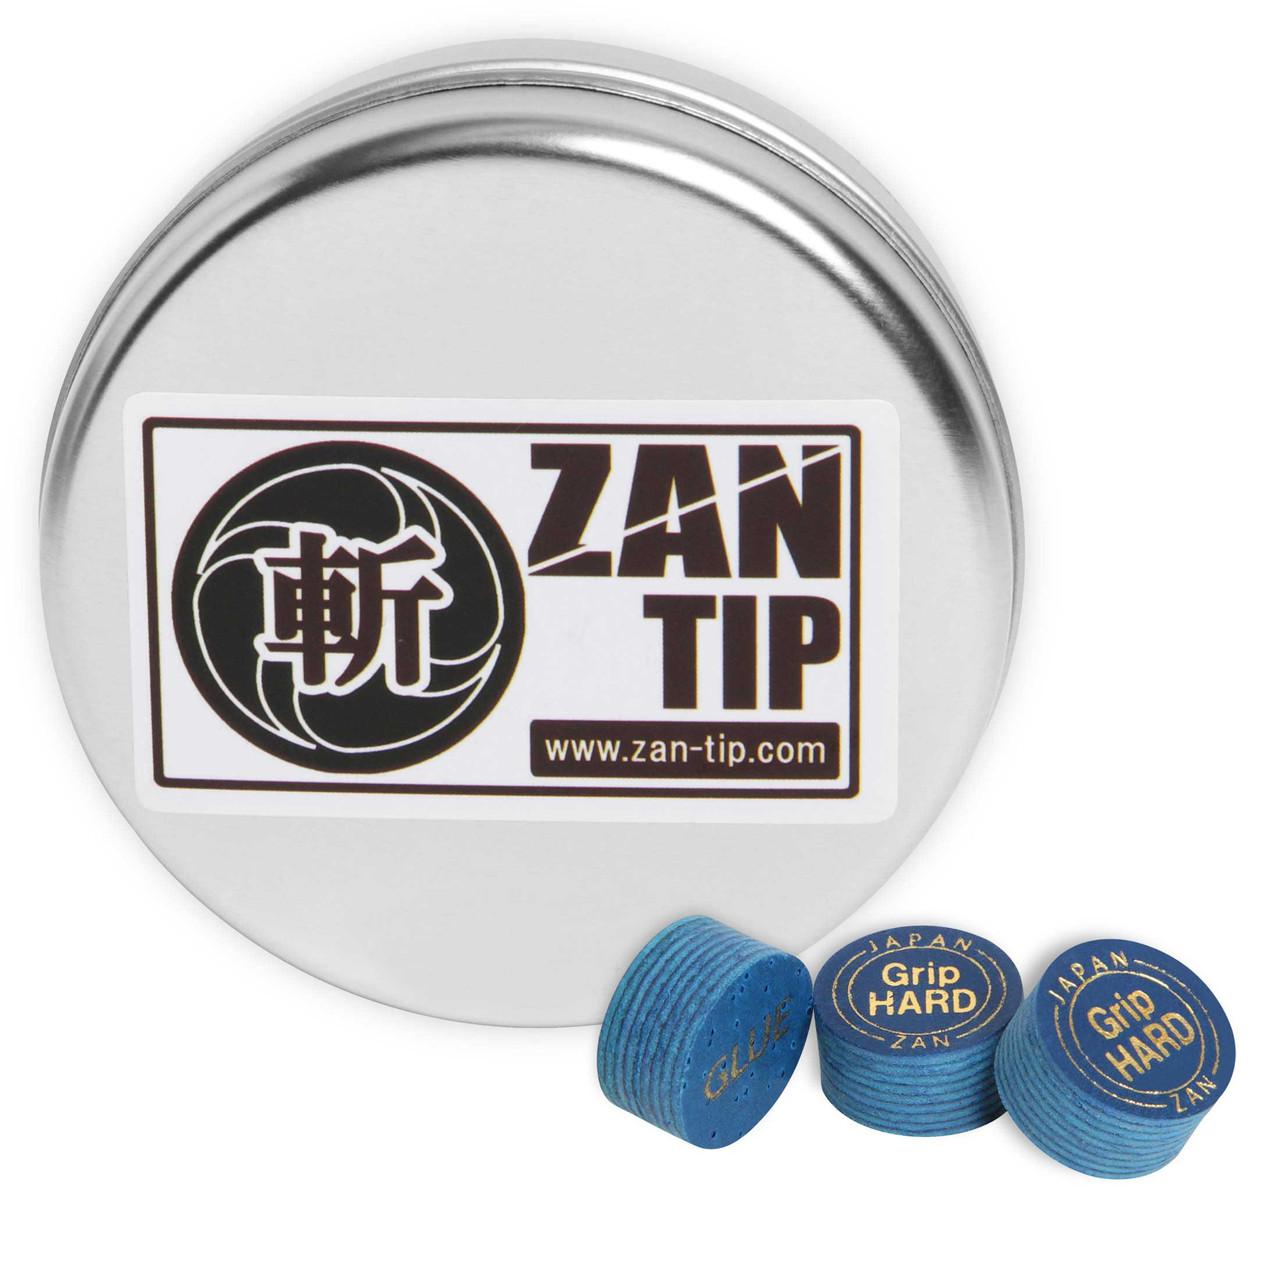 Наклейка для кия Zan Grip 14мм Hard 1шт